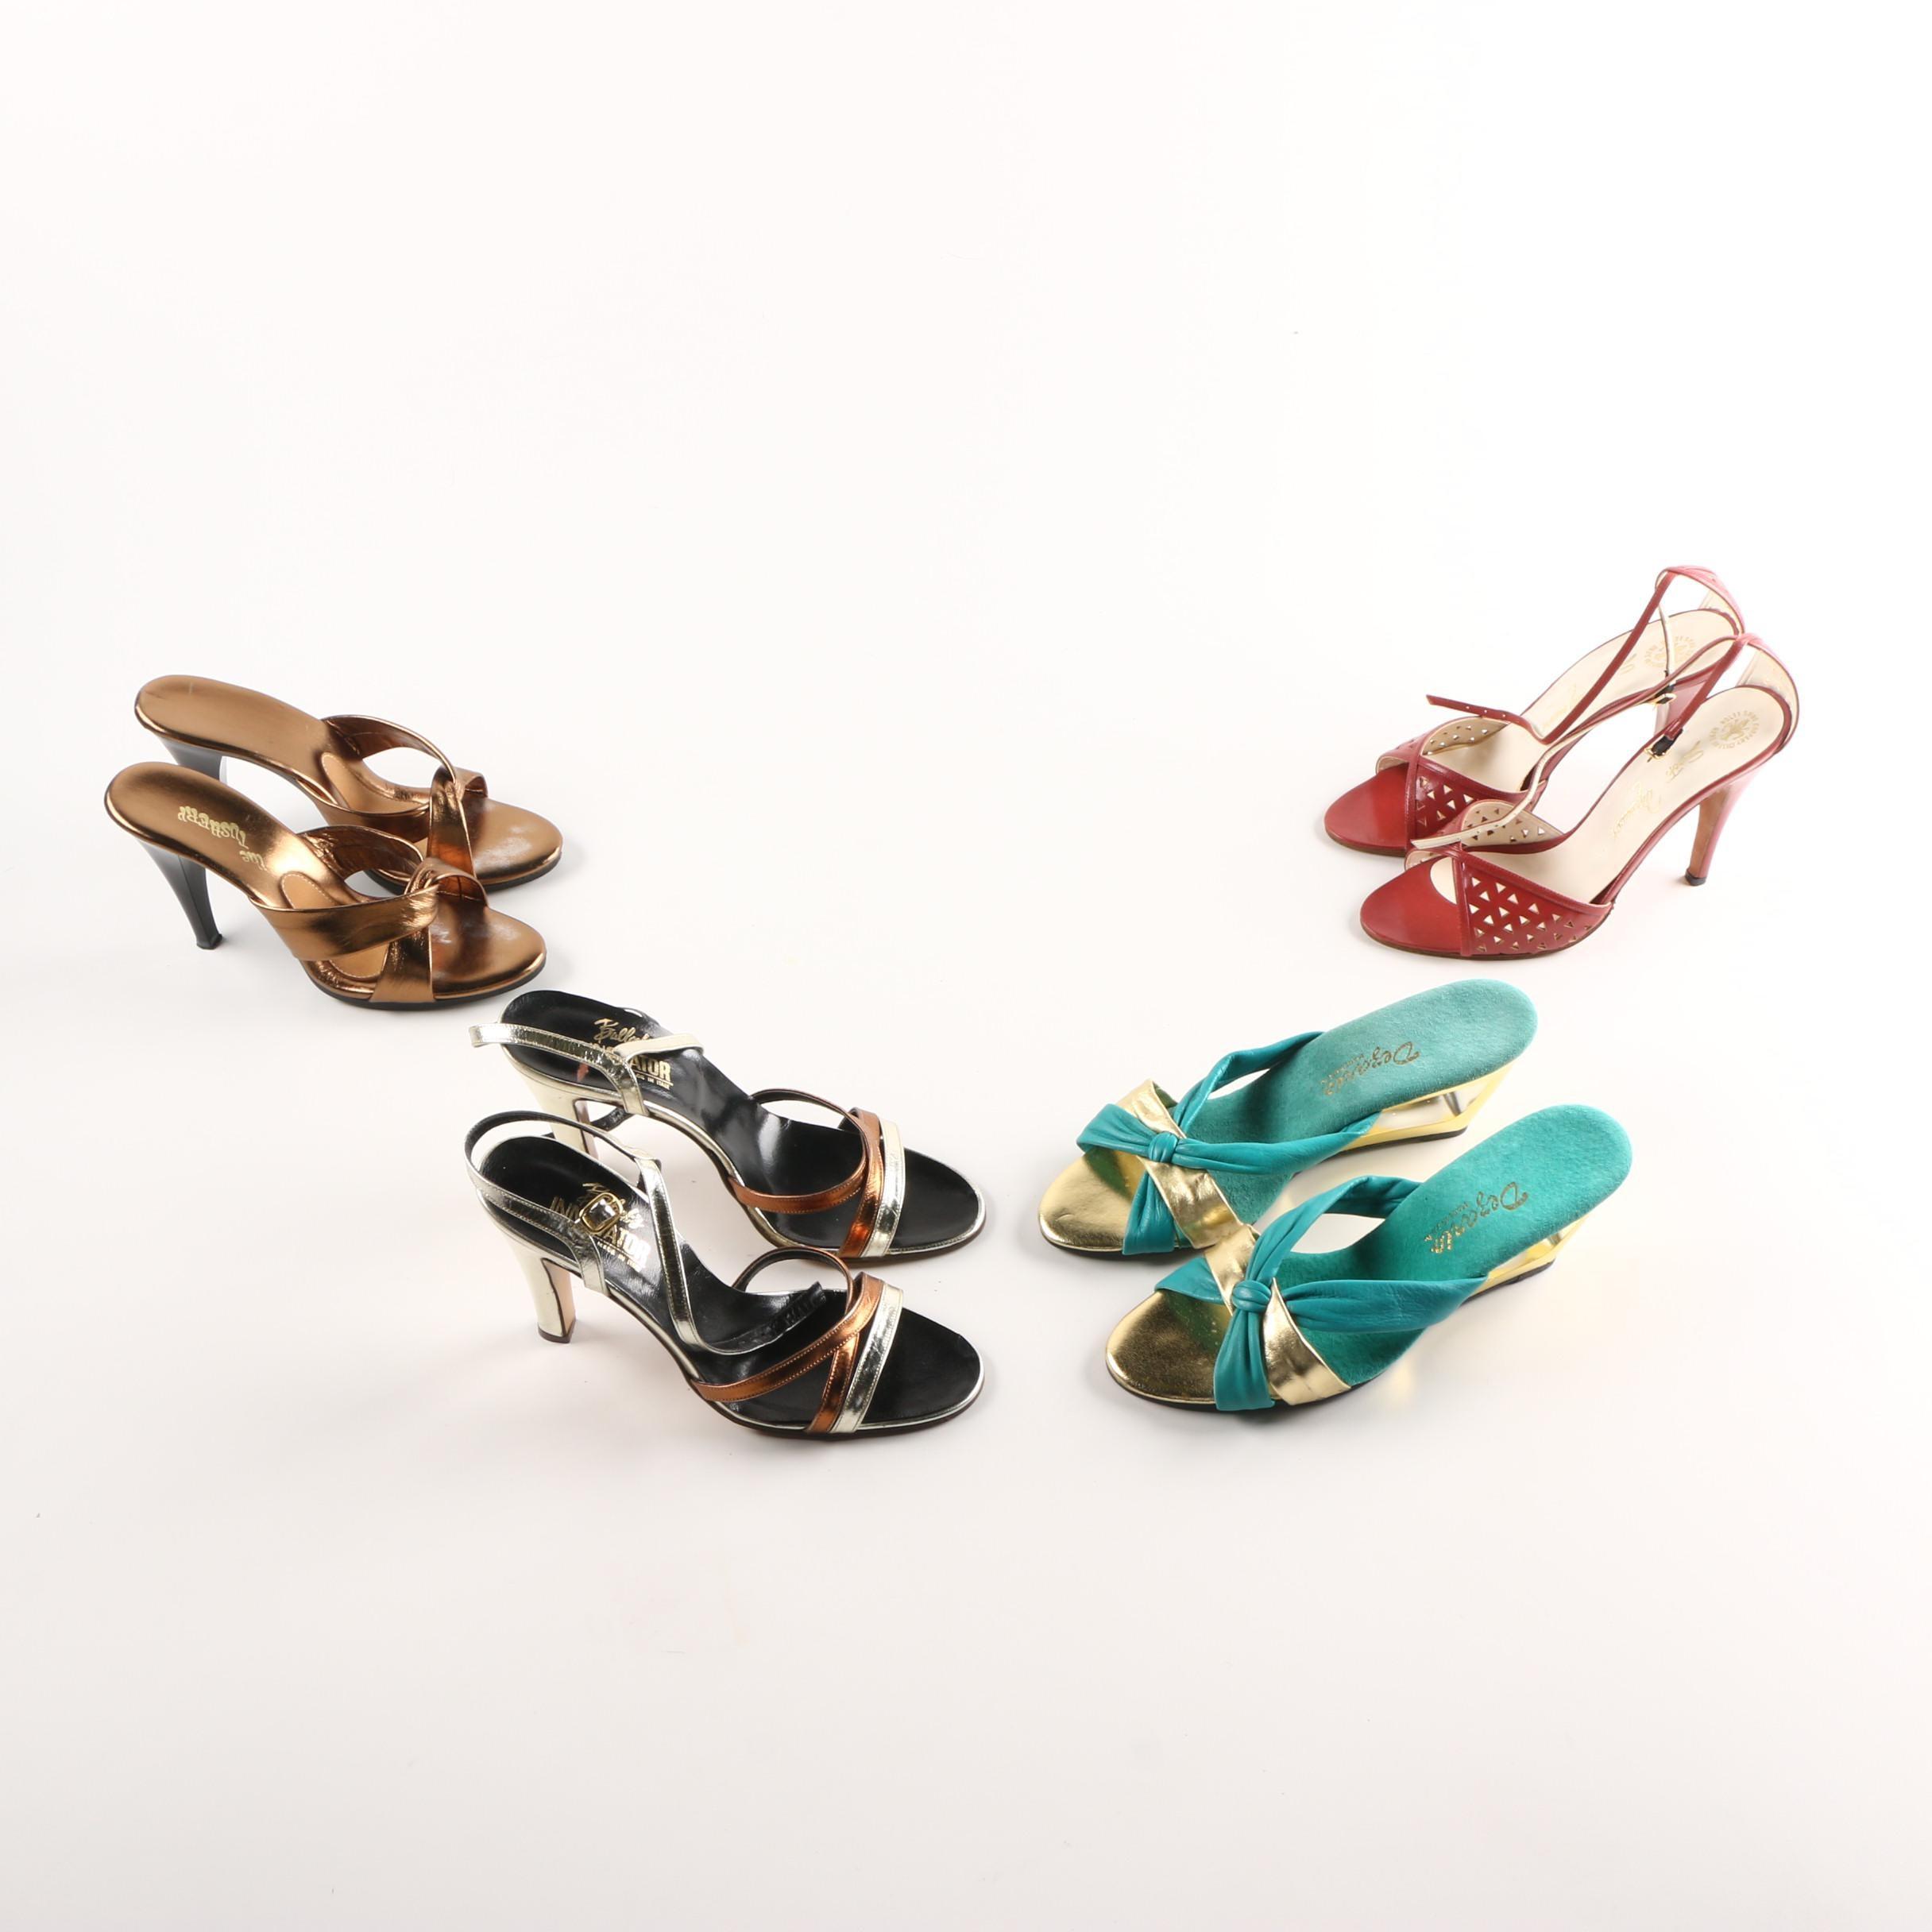 Vintage High Heel Slides and Sandals